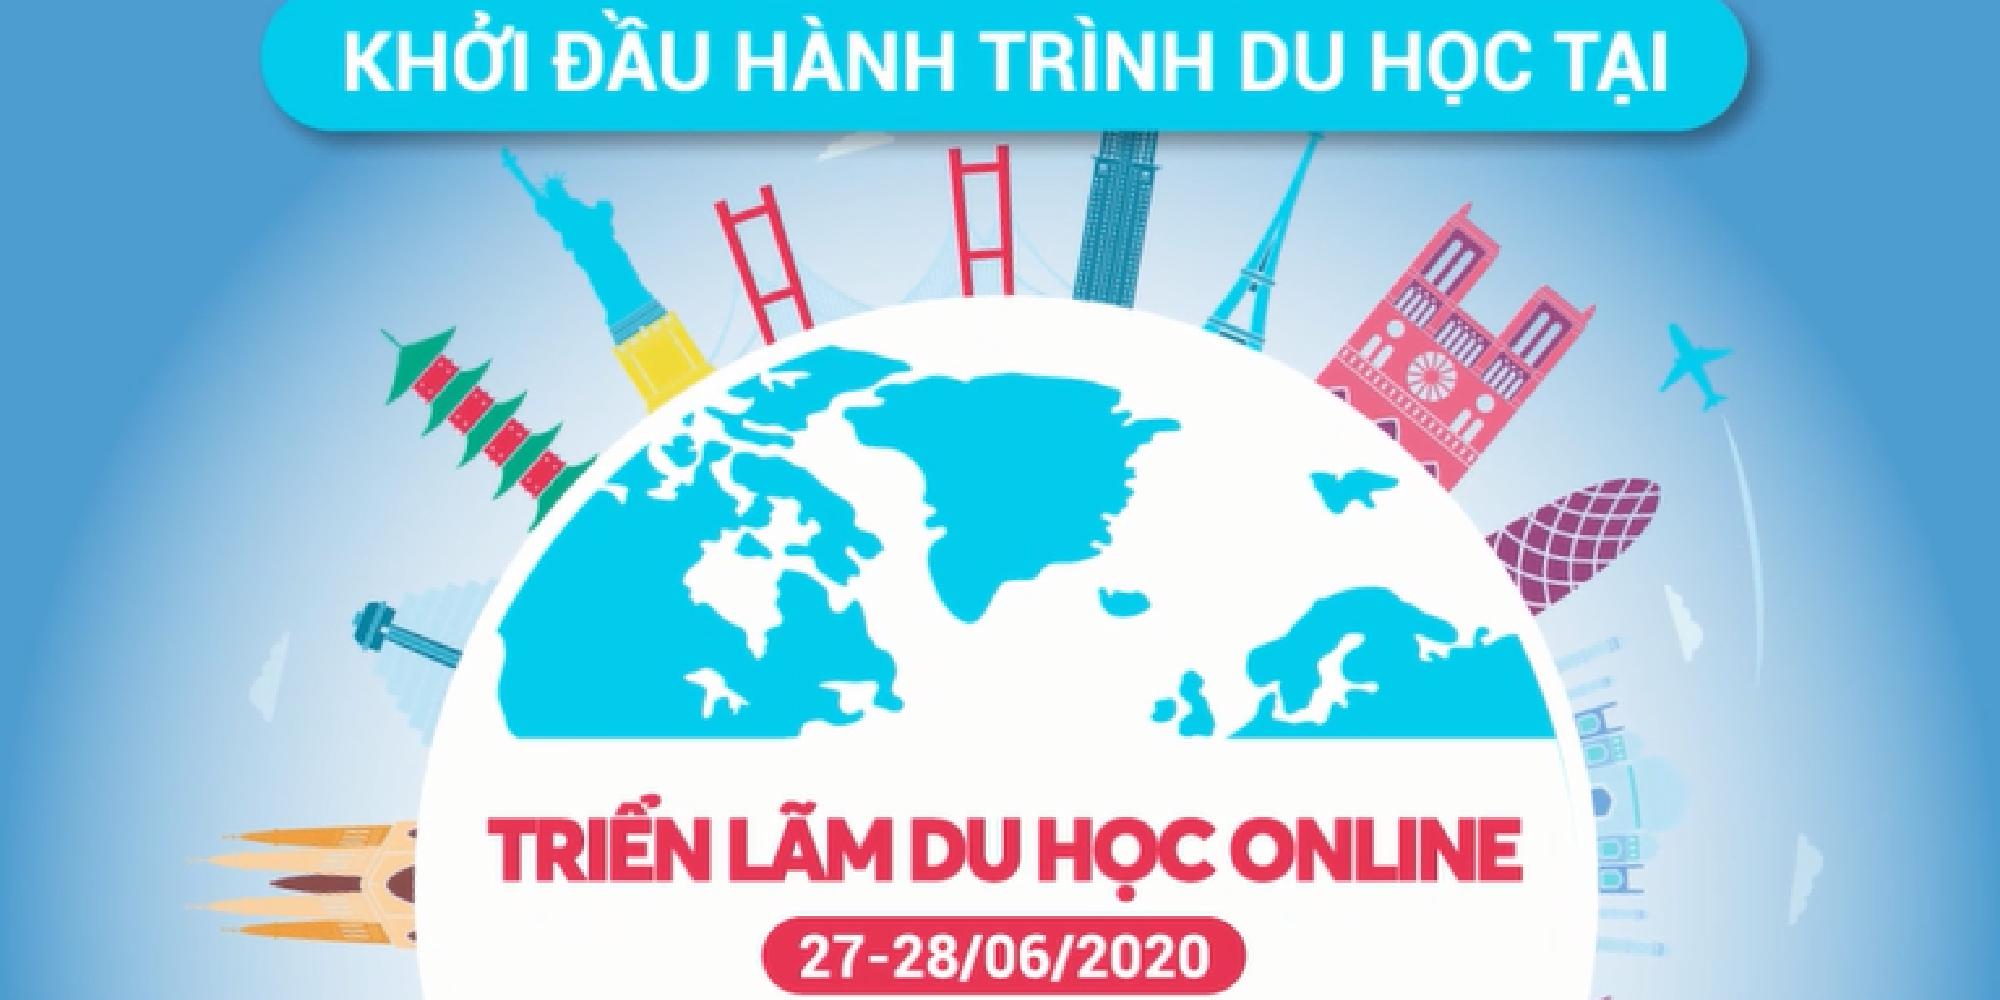 MỜI DỰ TRIỂN LÃM DU HỌC ONLINE 2020: Học bổng 10-100%- Việc làm- Định cư